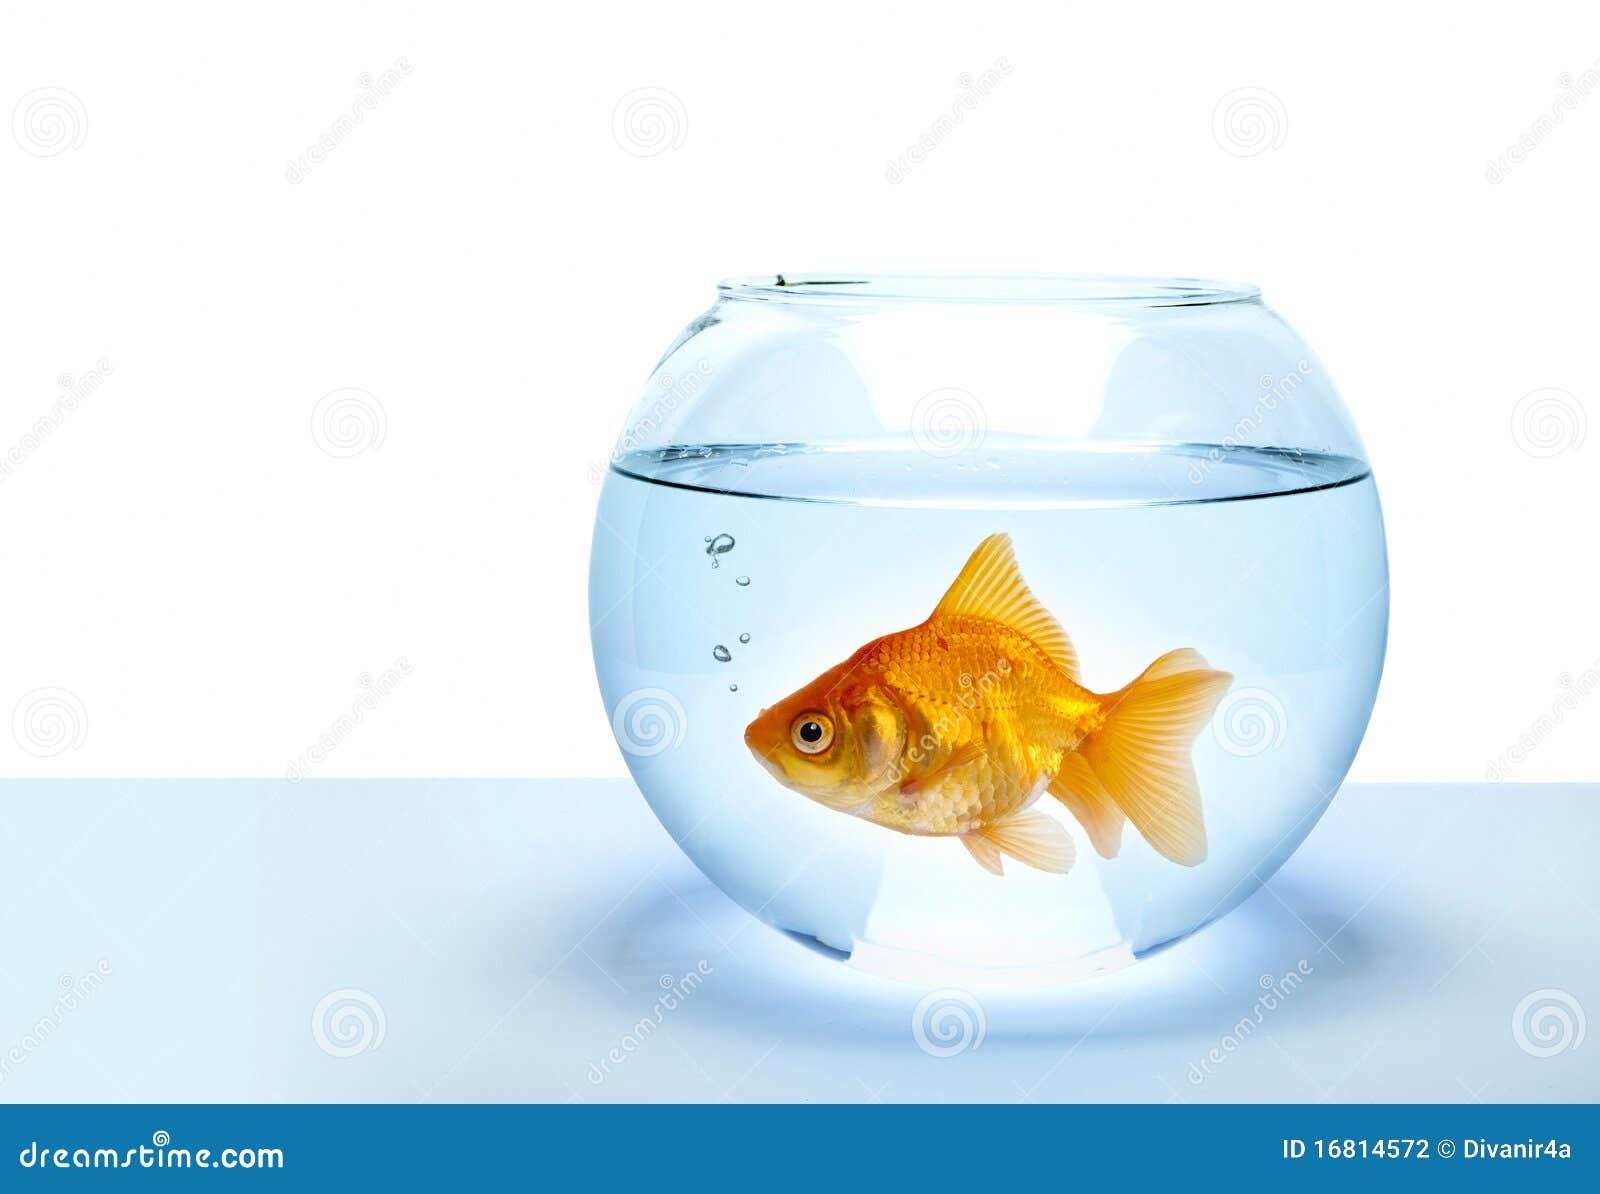 No Small Fish